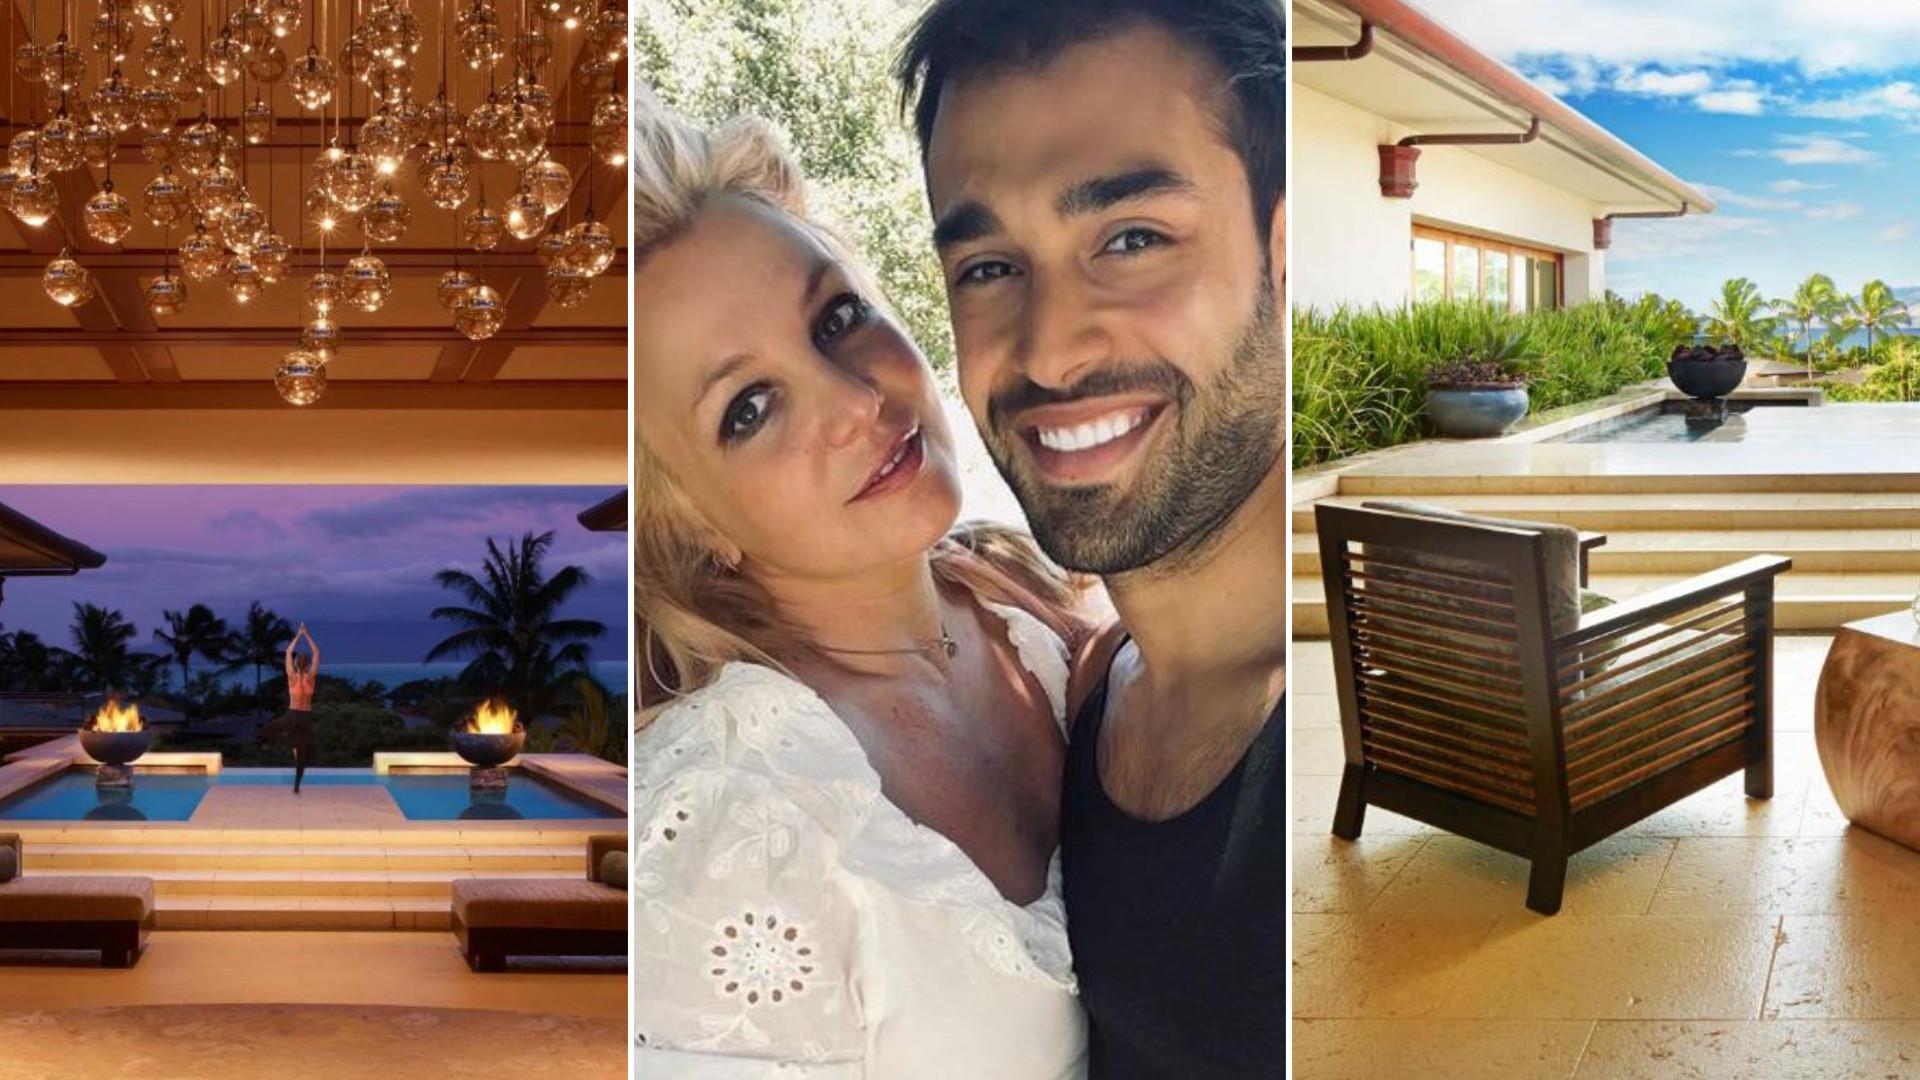 To tutaj Britney Spears spędzała wakacje z chłopakiem. Pławią się w luksusach (ZDJĘCIA)